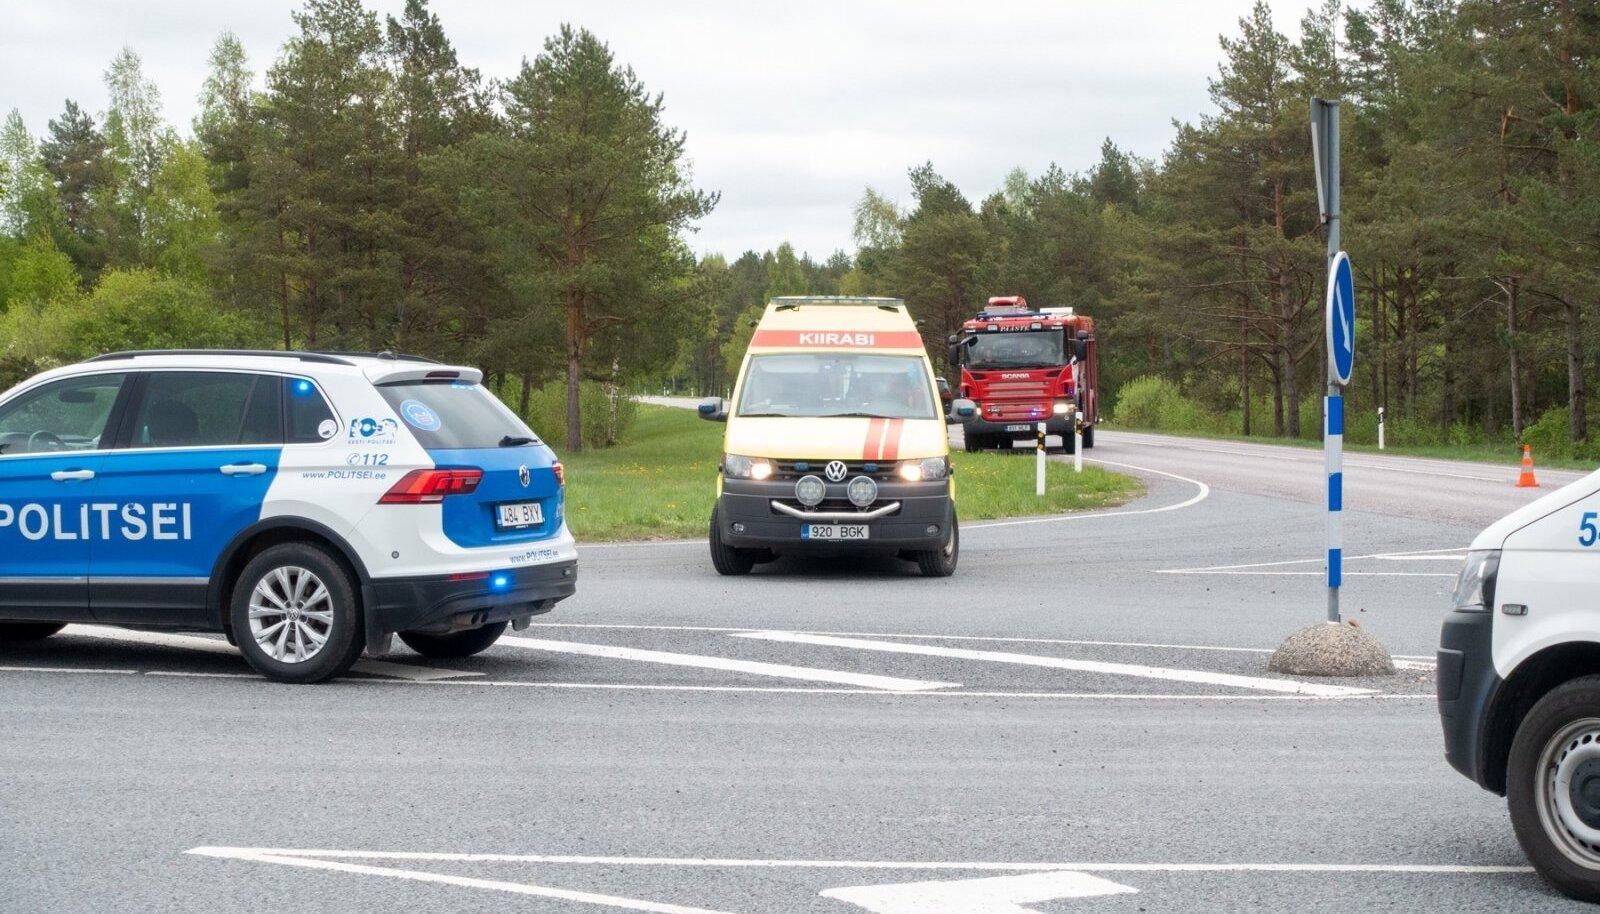 Reede õhtupoolikul põrkasid Saaremaal kokku veok ja väikebuss, milles viibis kaheksa last. Kaks noormeest viidi haiglasse.KUULA ARTIKLIT